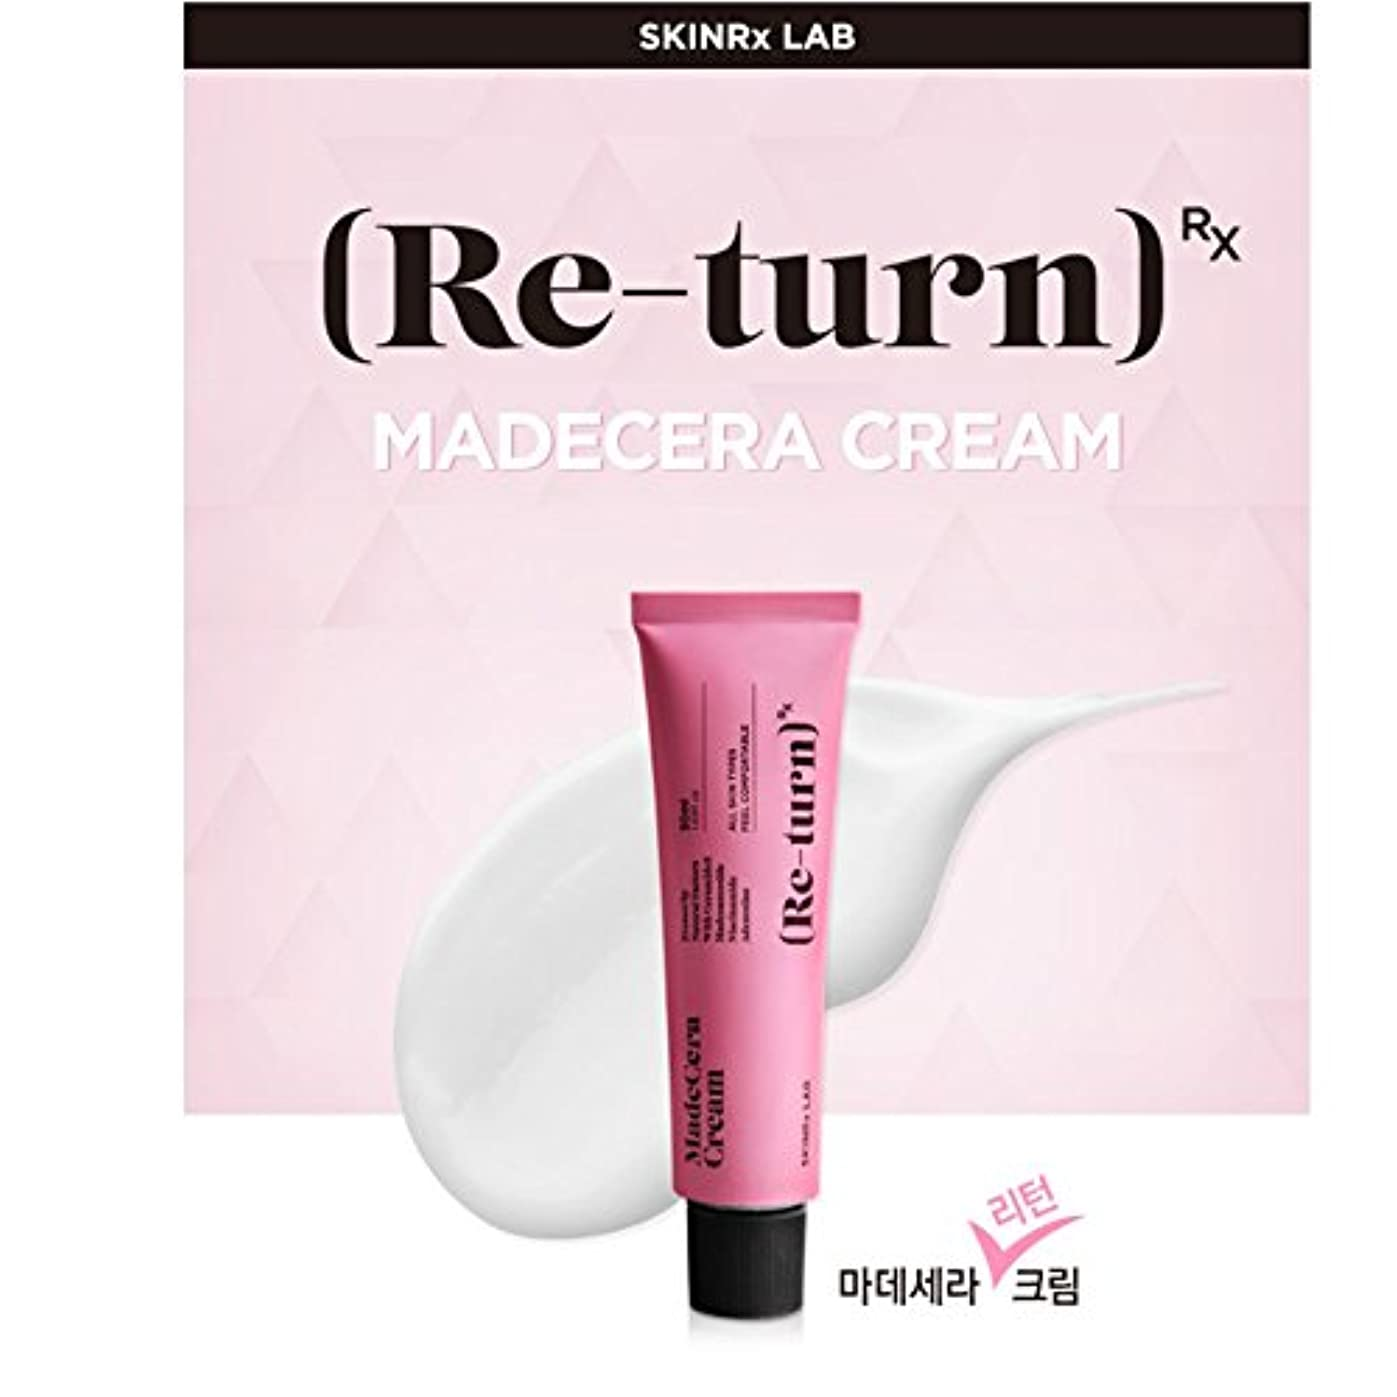 褒賞入学する終了するスキンアルエクスラップ マデセラ リターン クリーム 50ml / SKINRxLAB MadeCera Re-turn Cream 50ml (1.69oz)